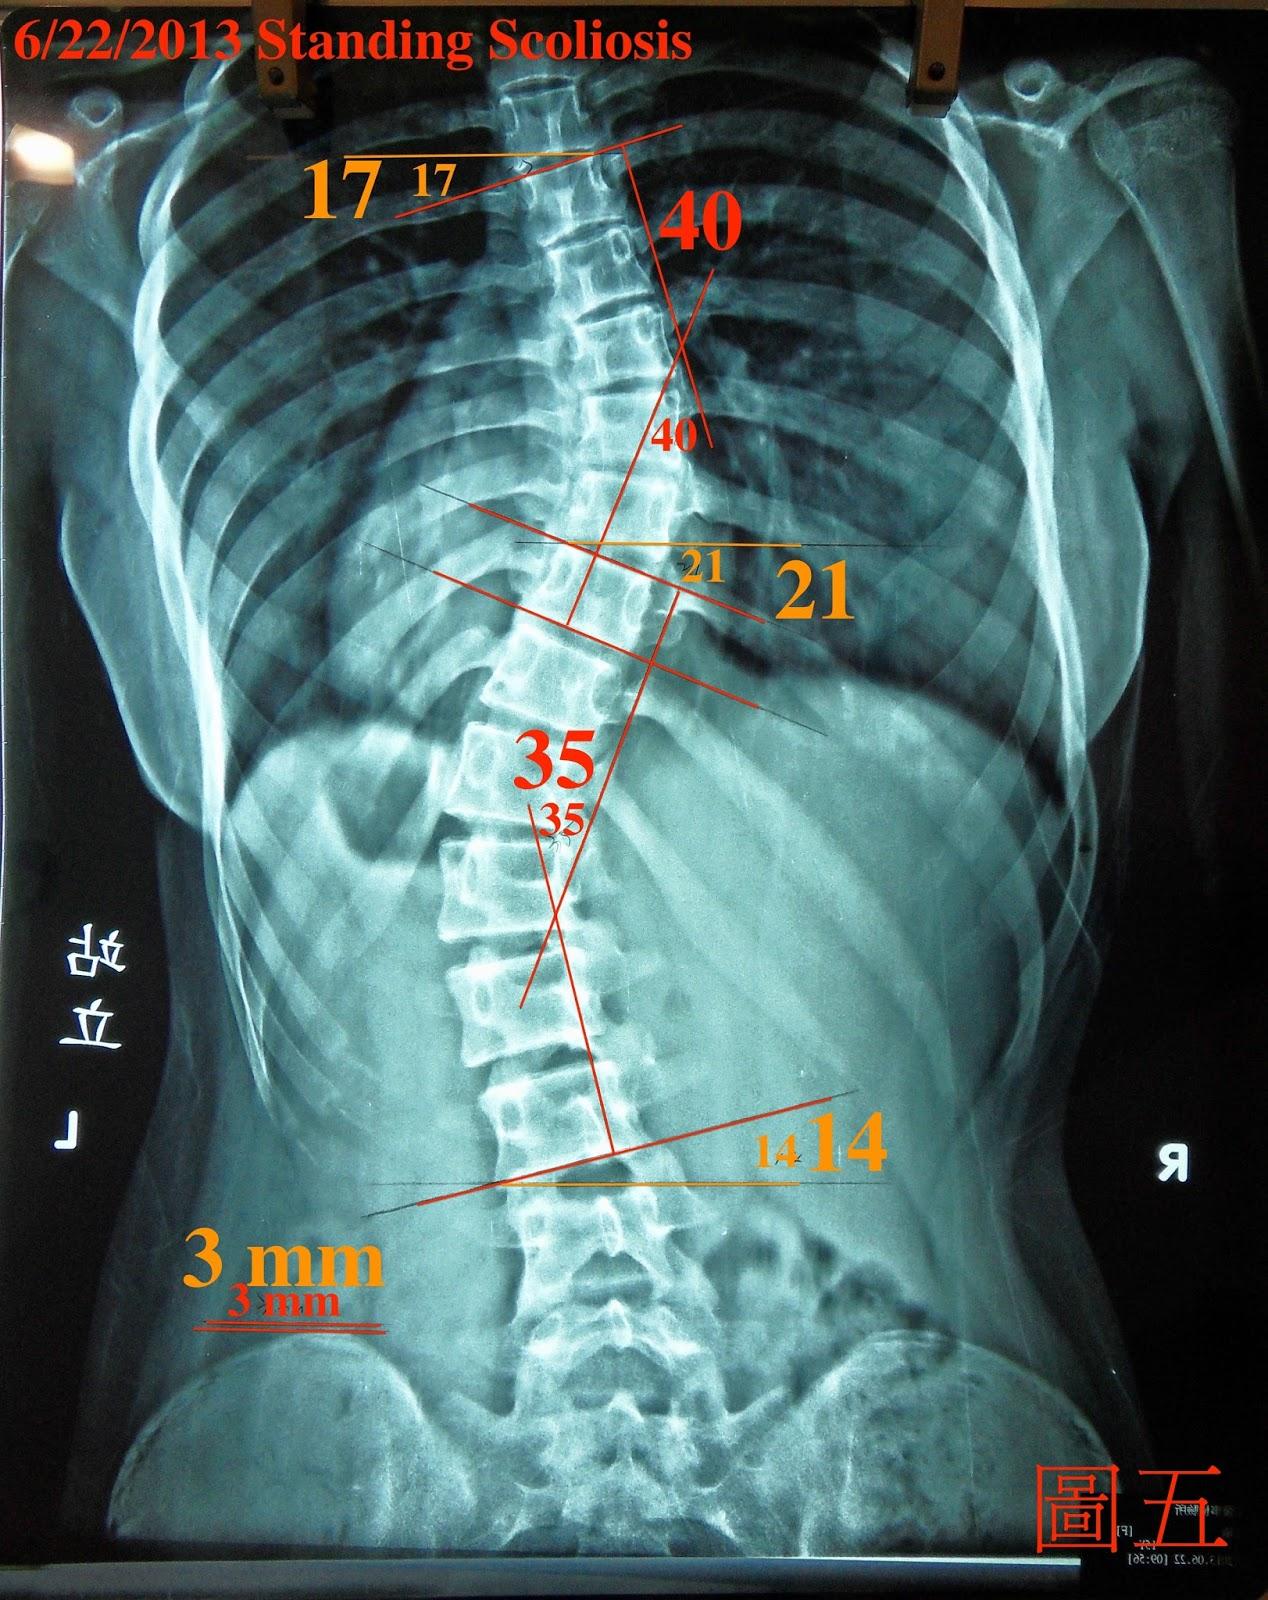 脊椎側彎矯正案例2 - 治療一個月成果:9度+後續追蹤一(5個月16.5度) - 閻曉華脊骨神經醫學網